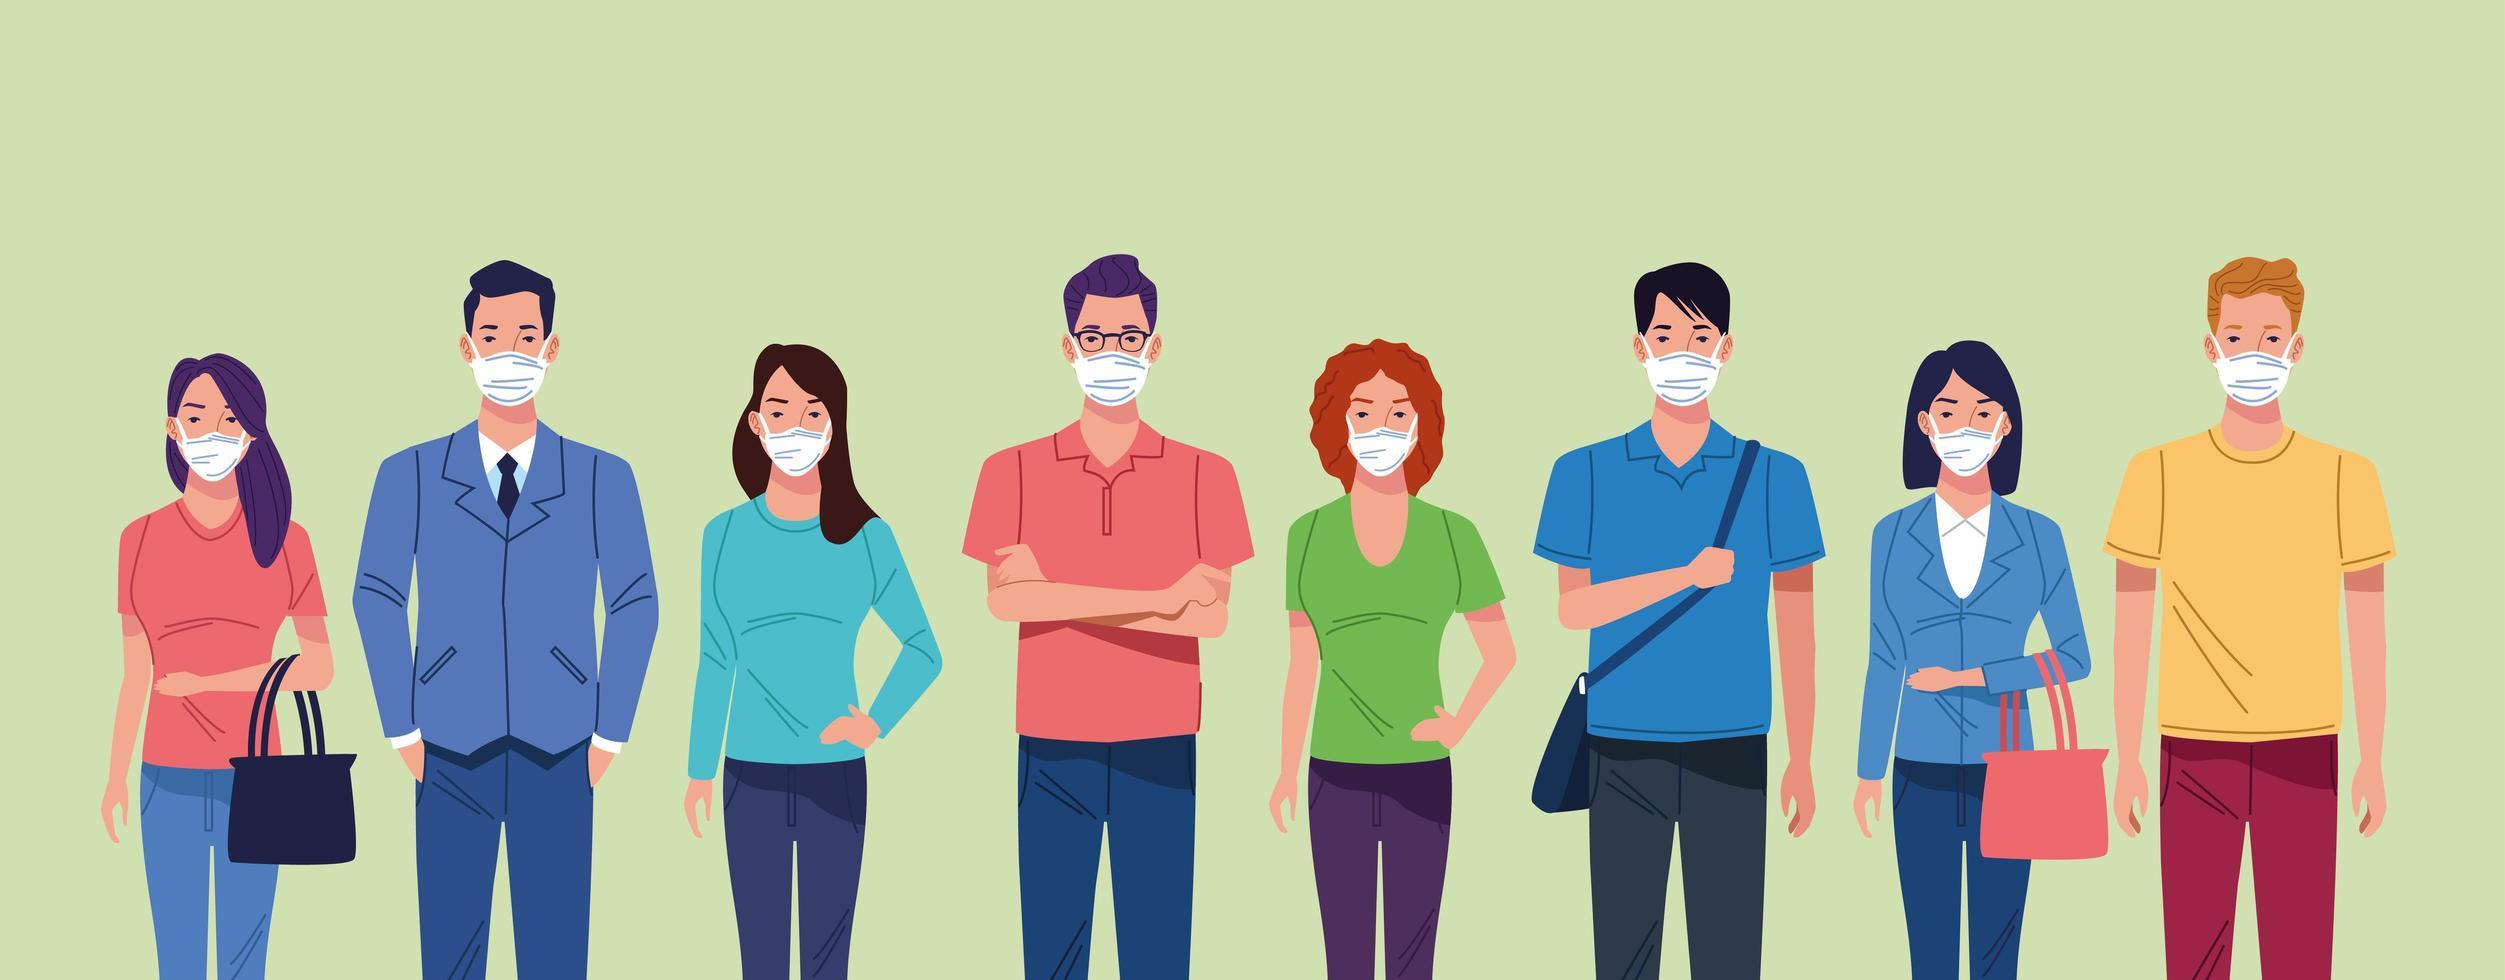 groep mensen die gezichtsmasker gebruiken voor coronavirus vector